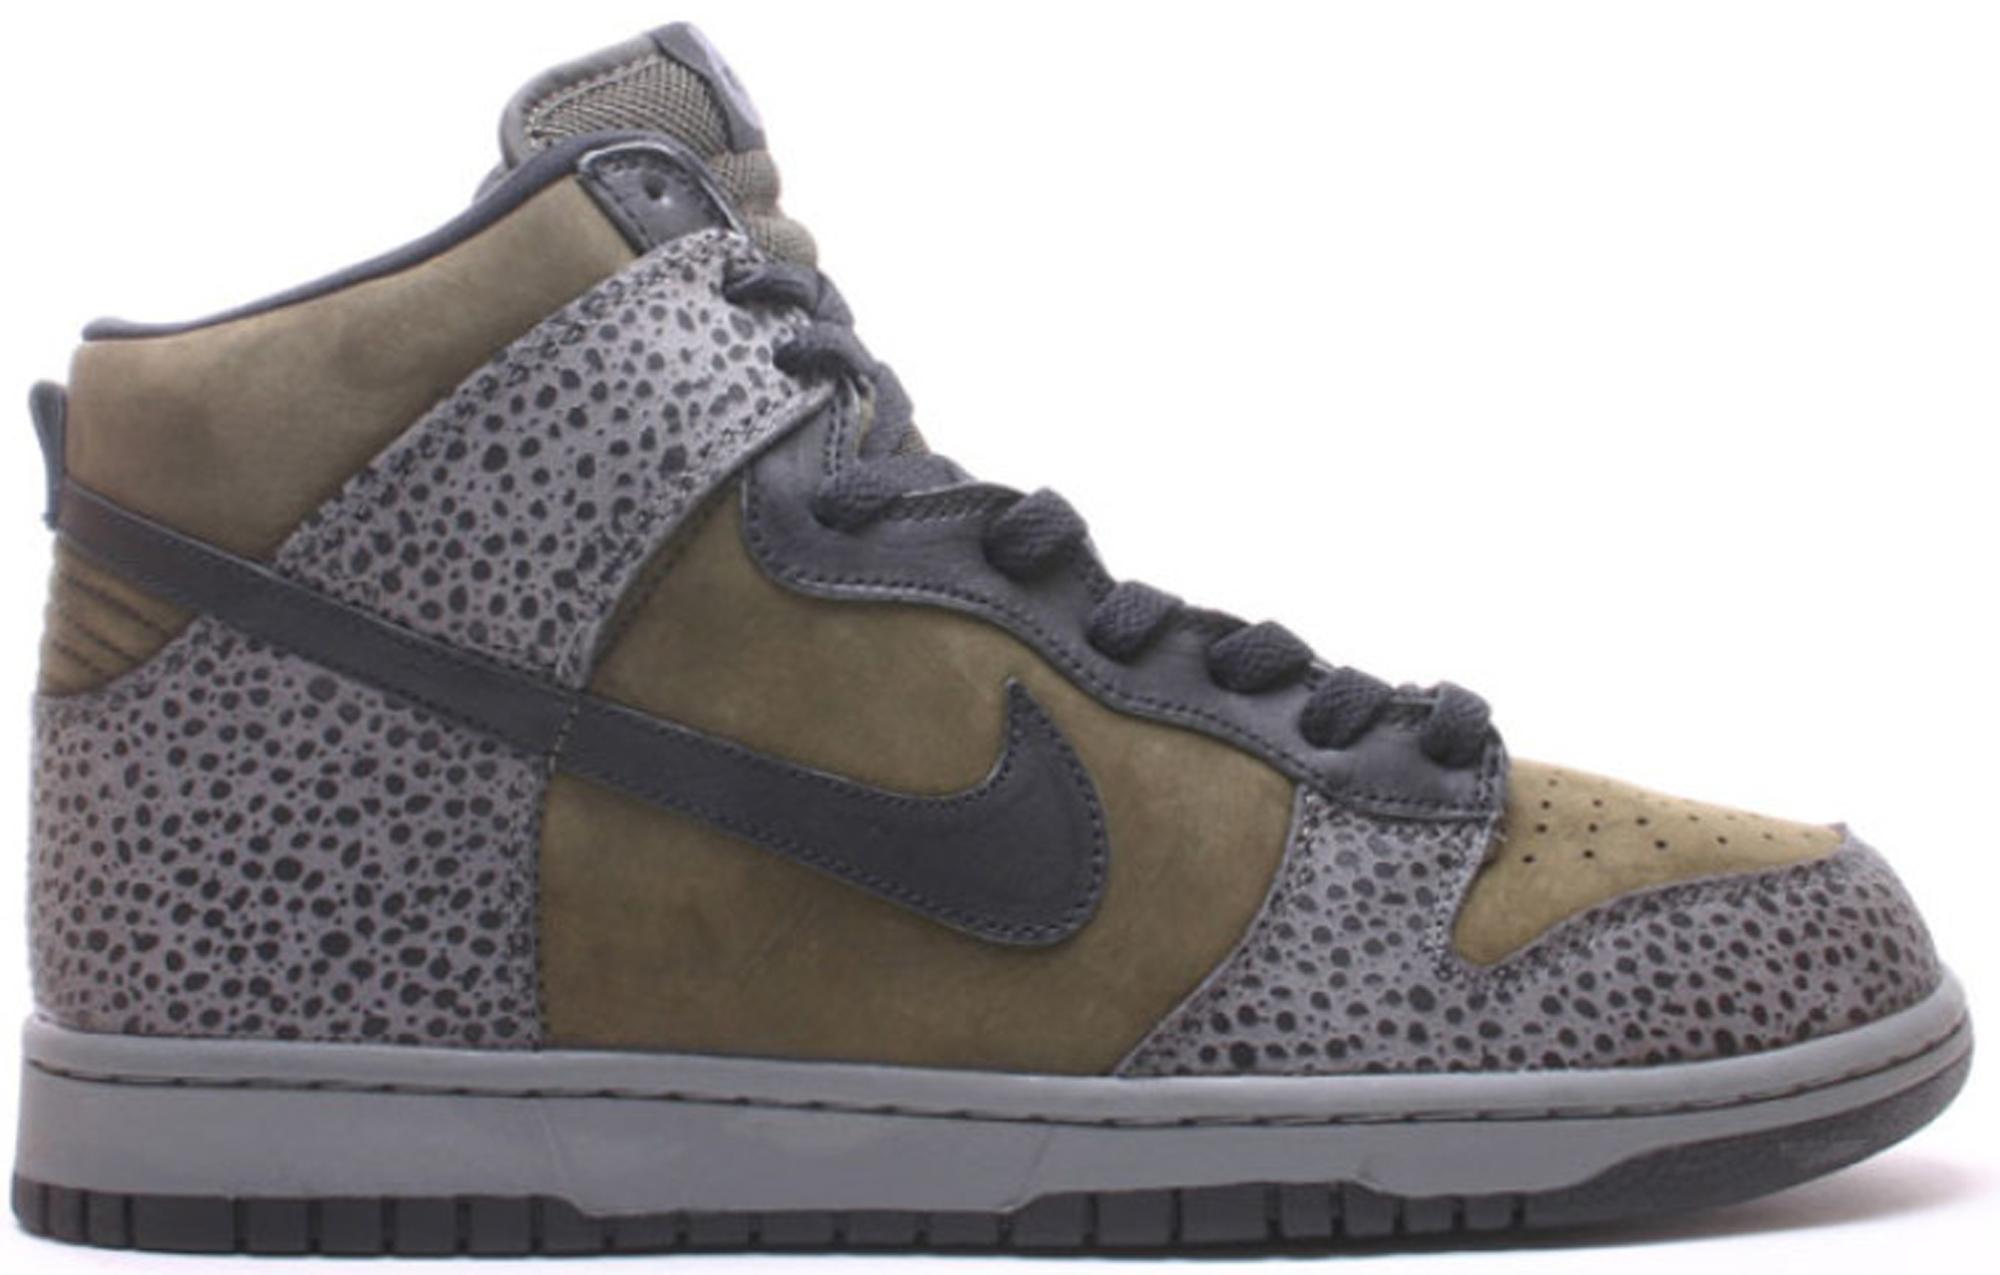 Nike Dunk High Safari Sable Green